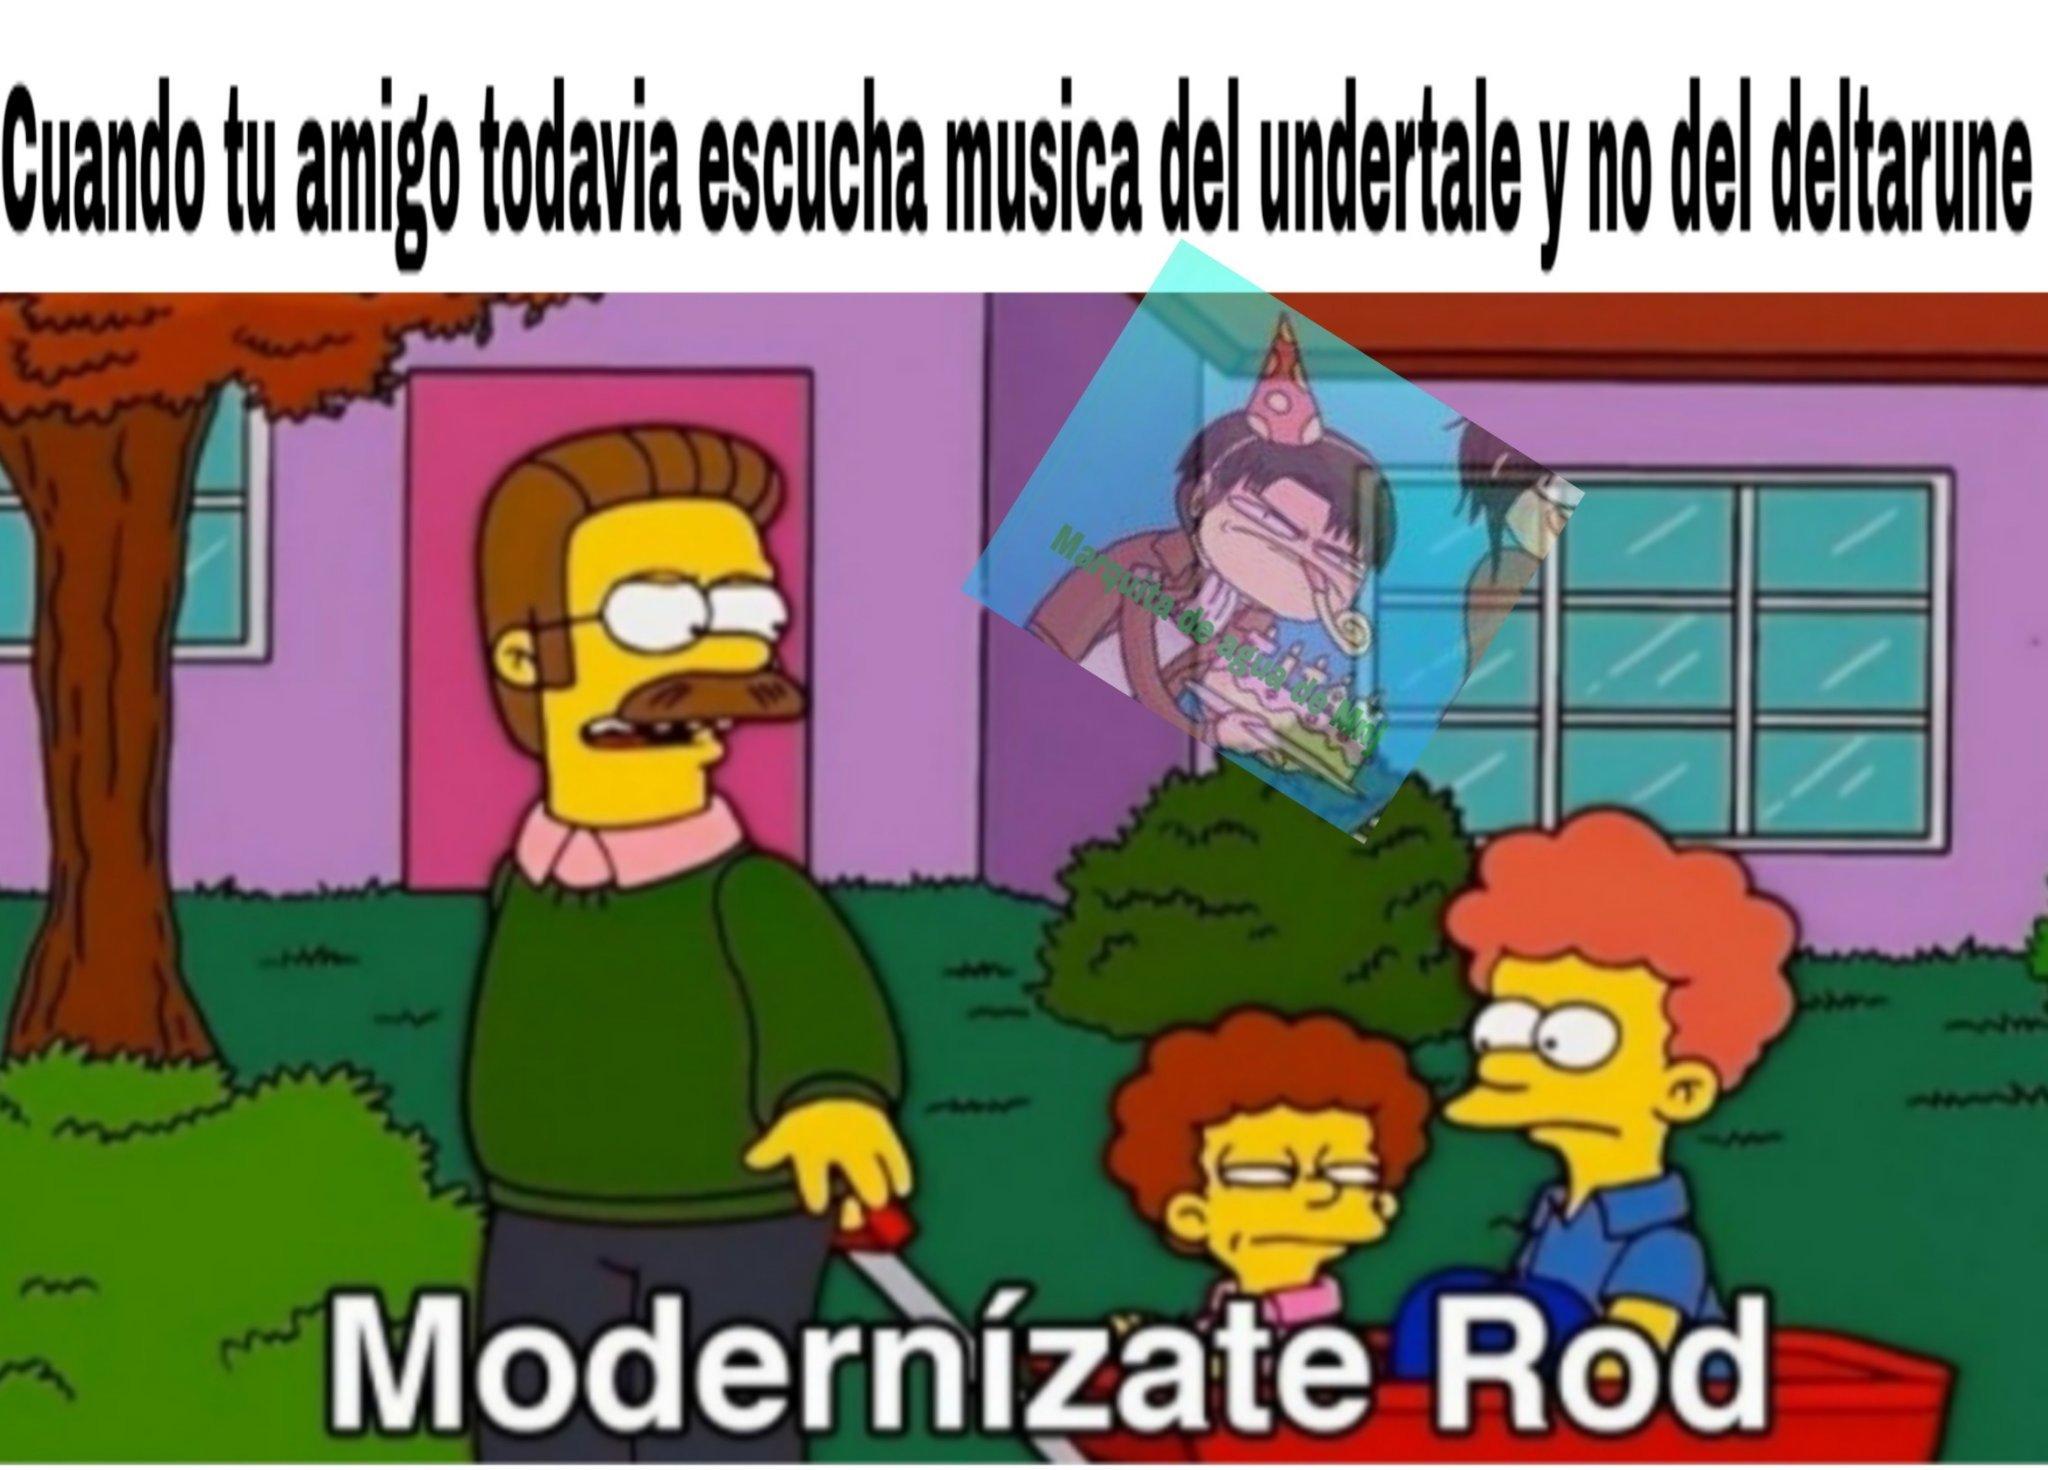 Modernizate Rod - meme